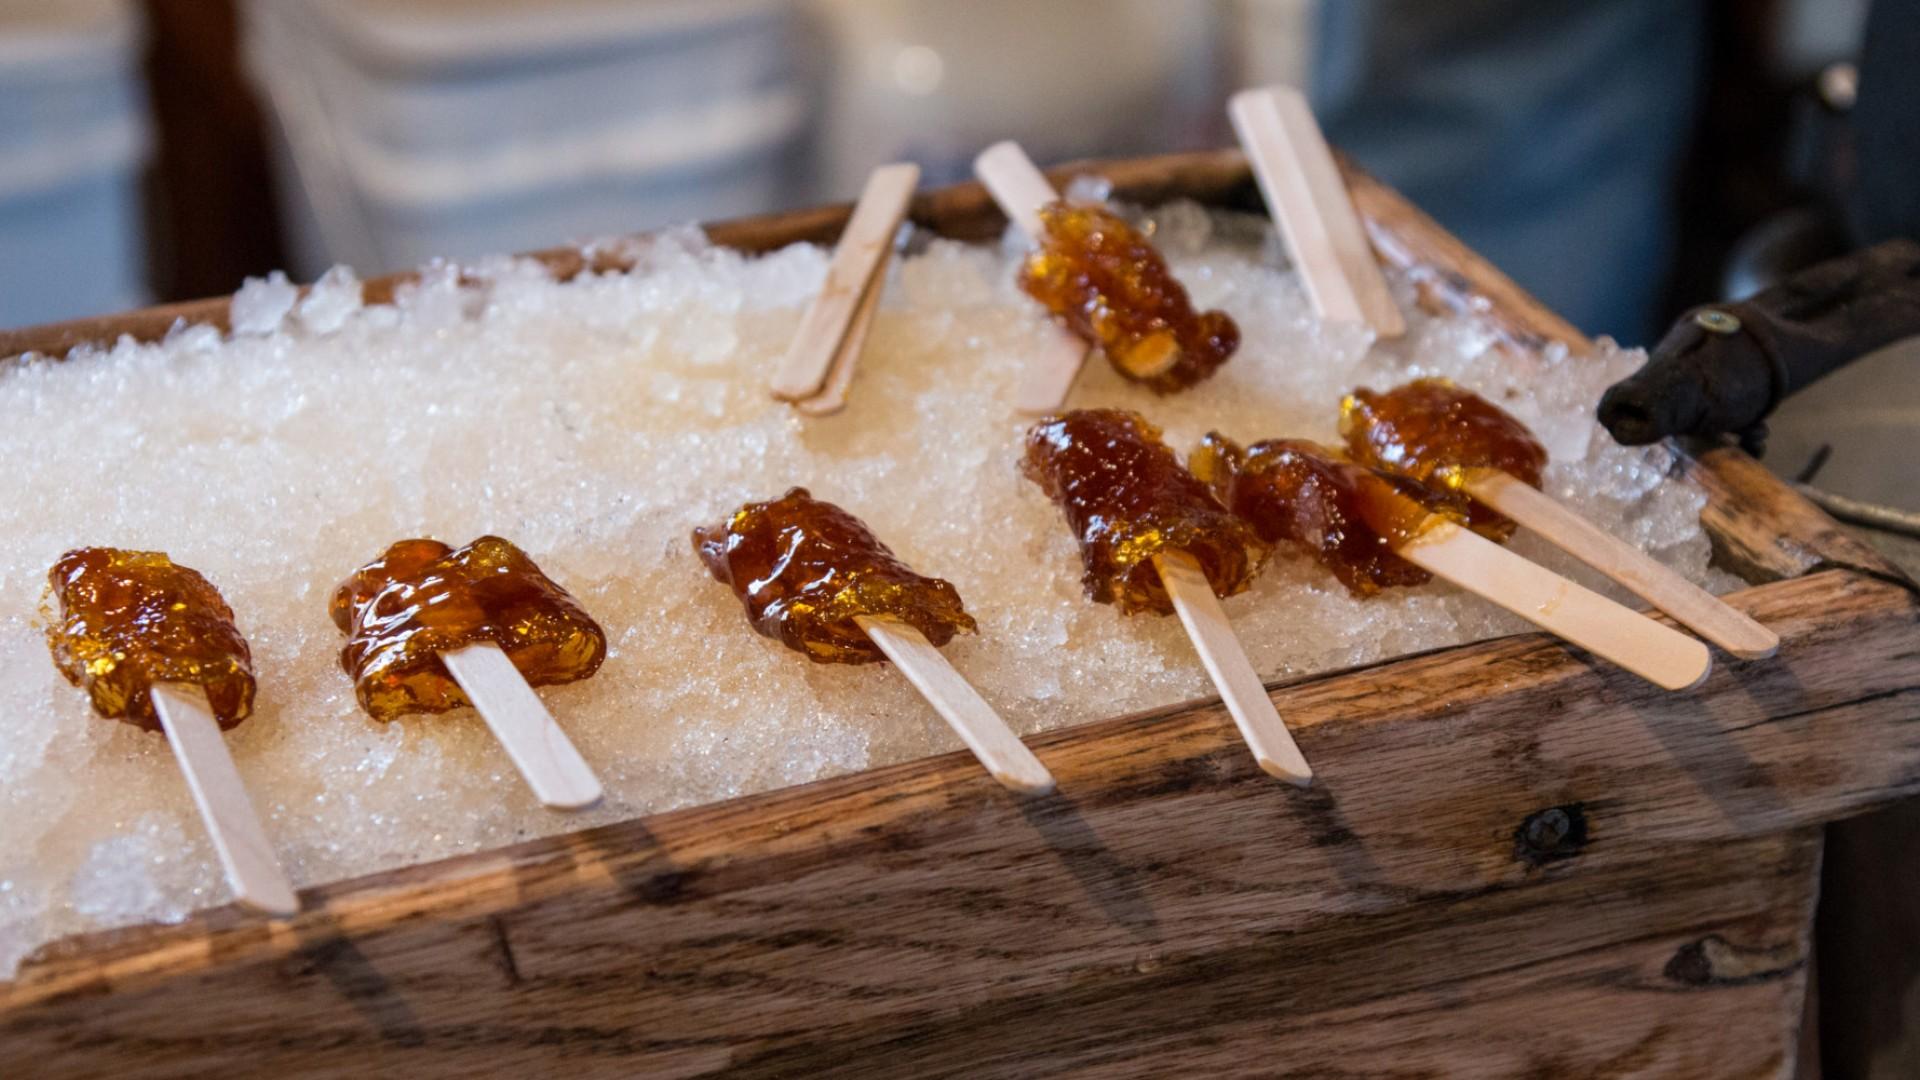 maple syrub taffy on sticks sitting on ice